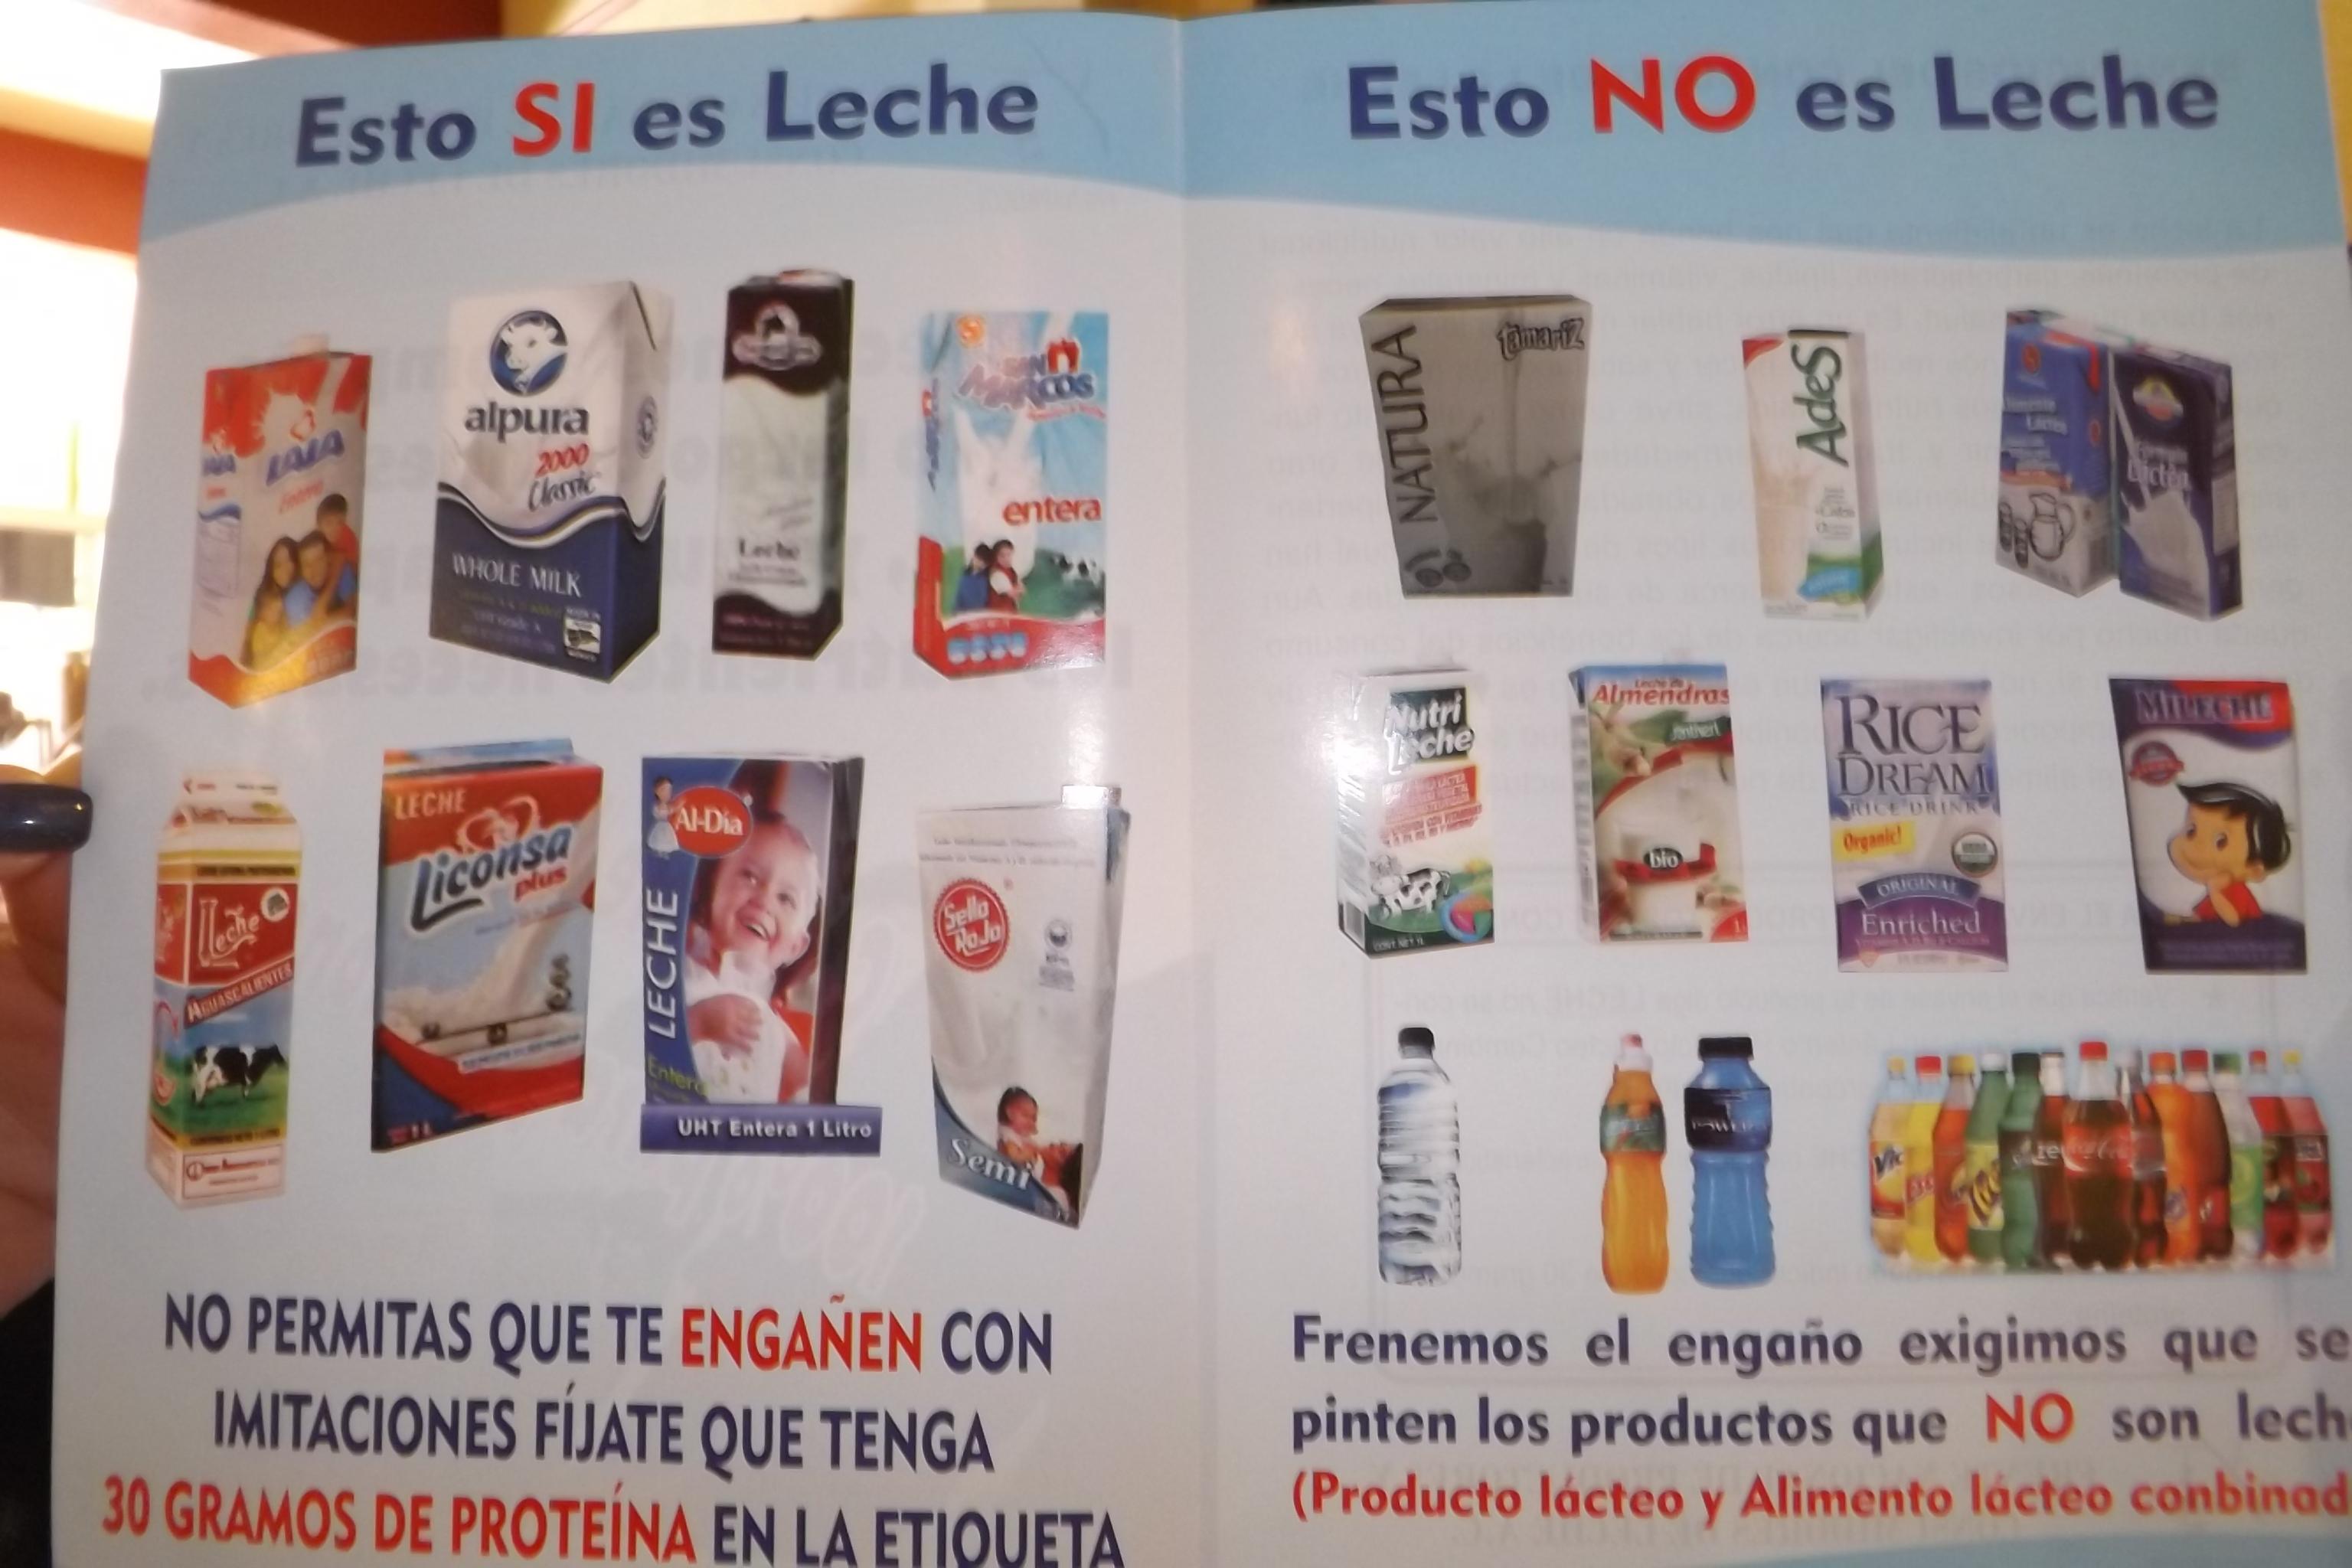 Preparan lecheros marcha nacional contra la mafia de la industria y autoridades